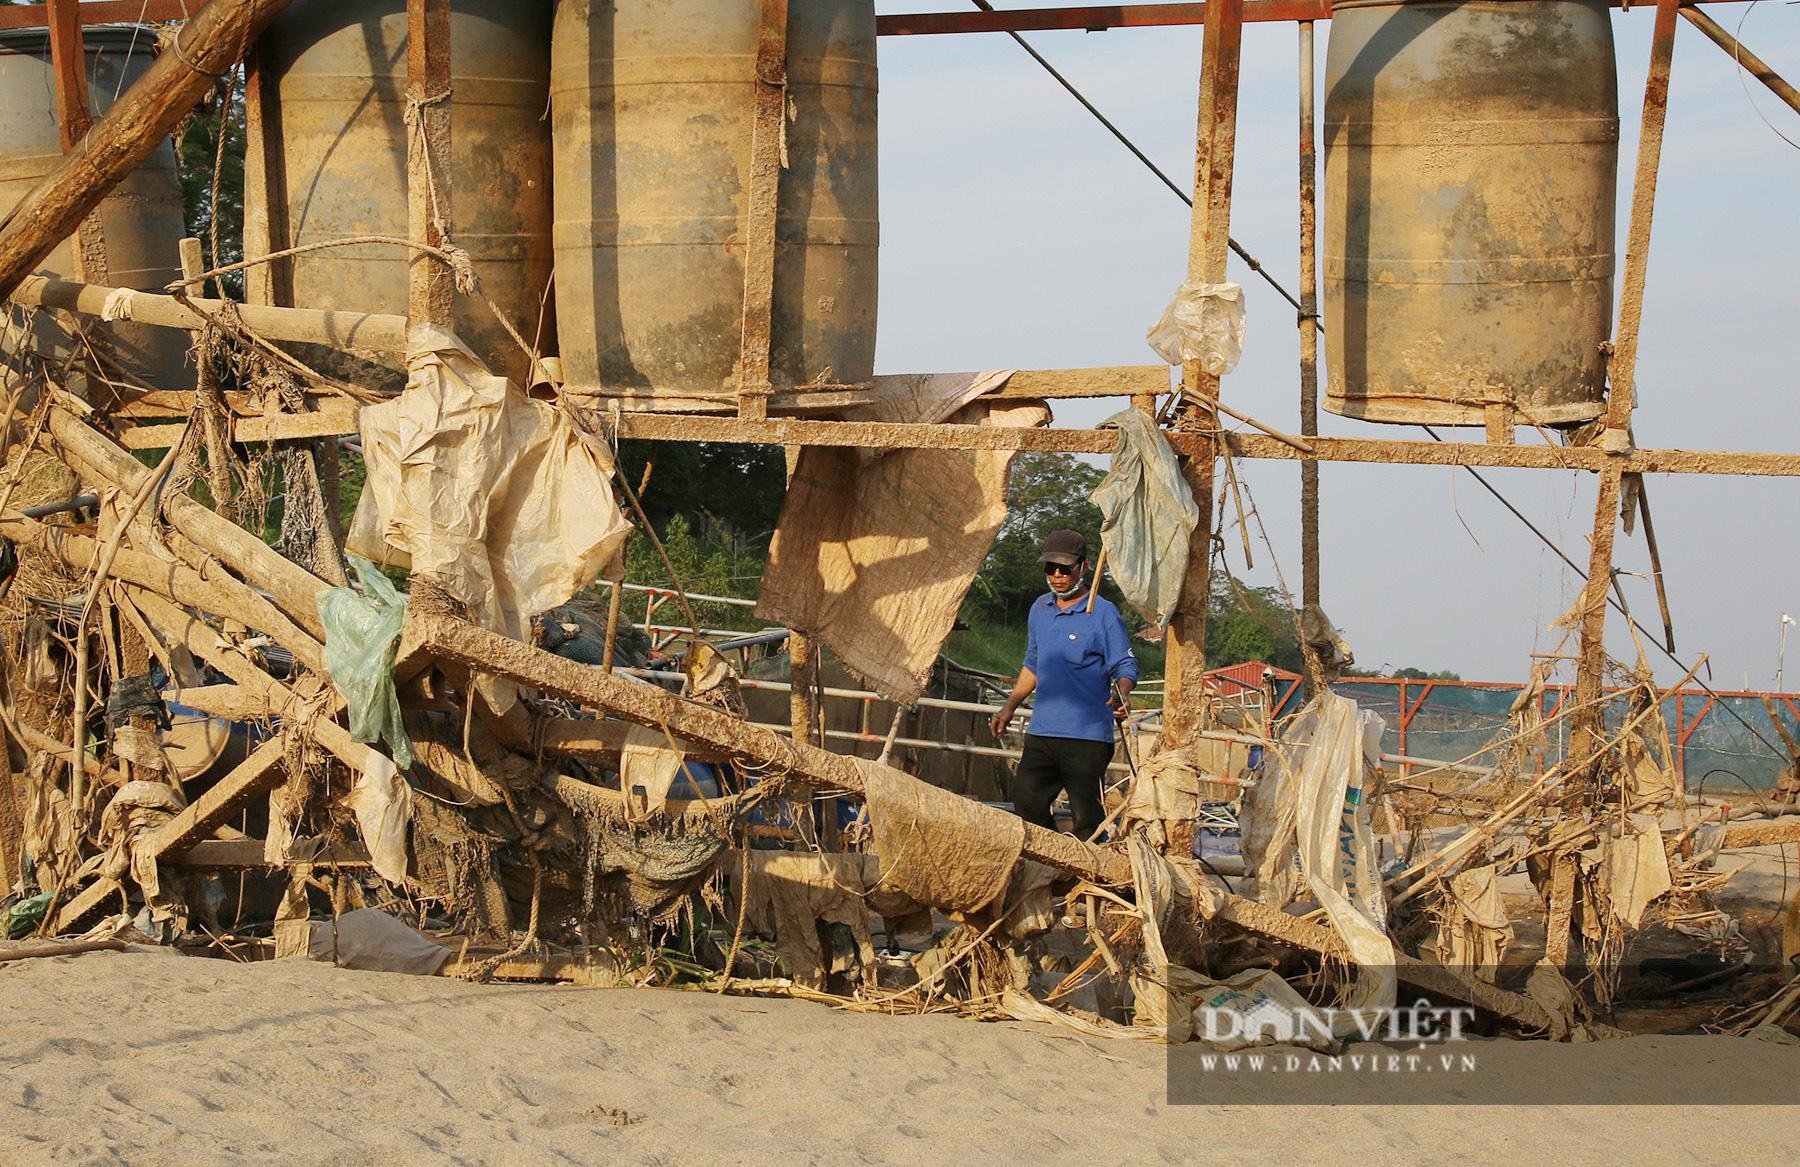 Dân nuôi cá trên sông Đà hút cát để cứu cá do nước sông cạn - Ảnh 11.